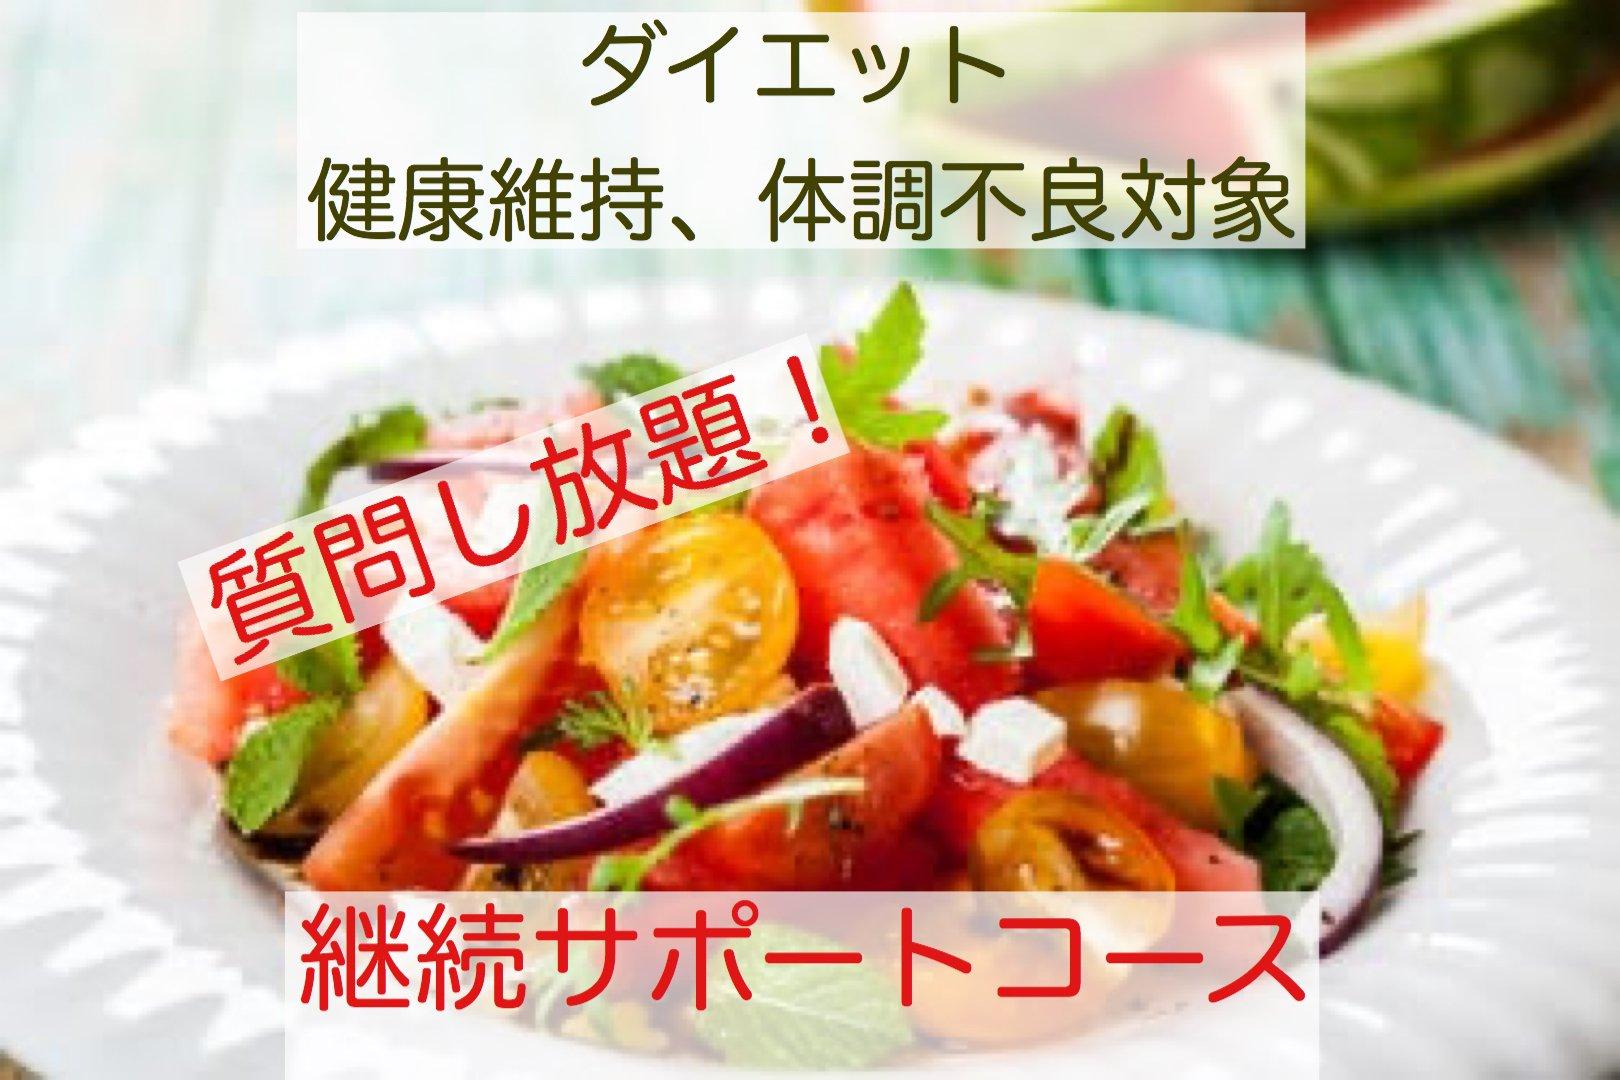 【体質改善・ダイエット・質問し放題!】食事継続サポートコース 公式line使用のイメージその1